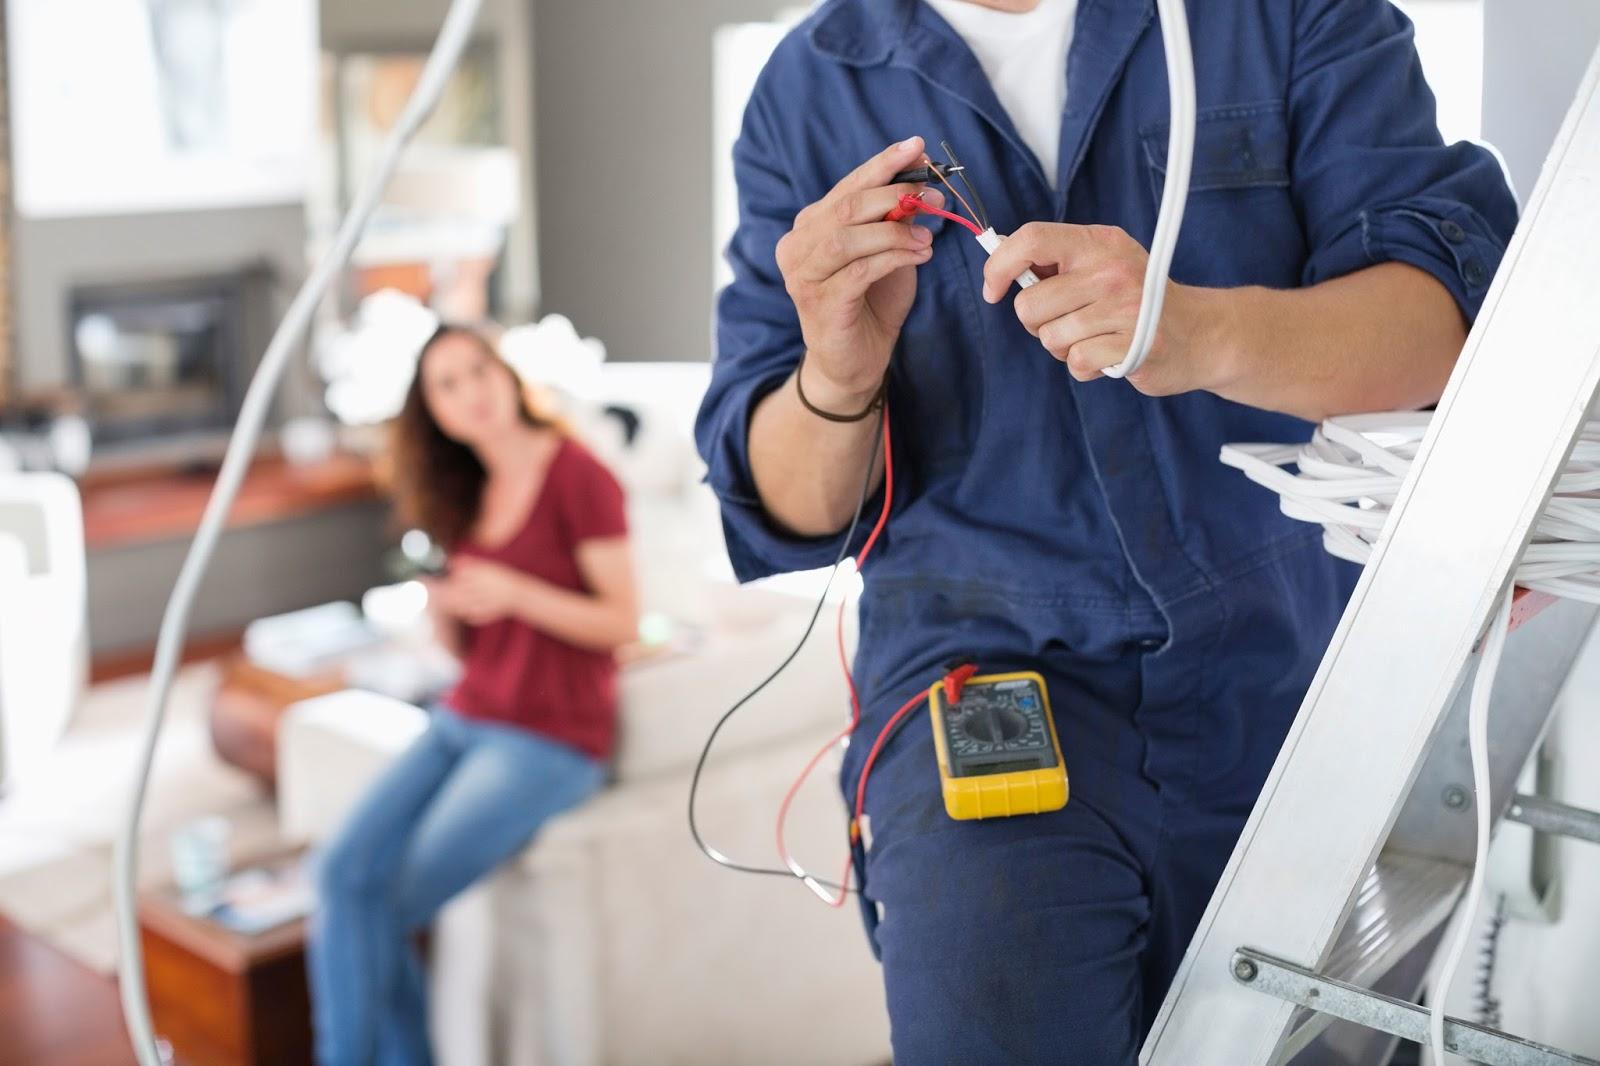 Sobrecargas en sistemas eléctricos